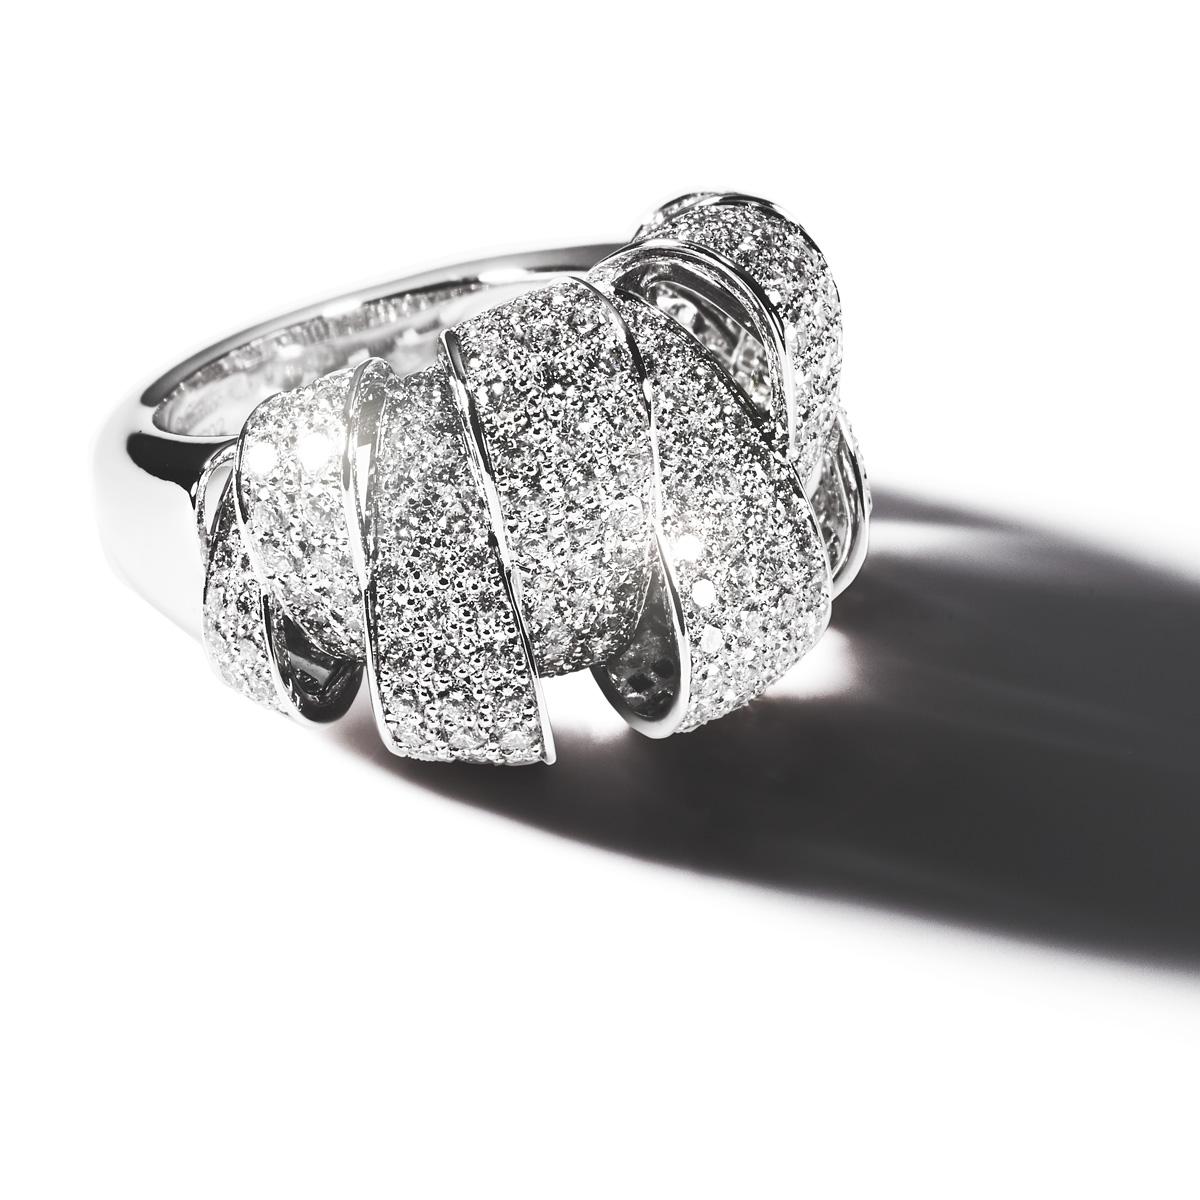 「Coup d'éclat de Cartier (クーデクラ ドゥ カルティエ)」リング (WG、ダイヤ 2.39ct) ¥ 4,600,000